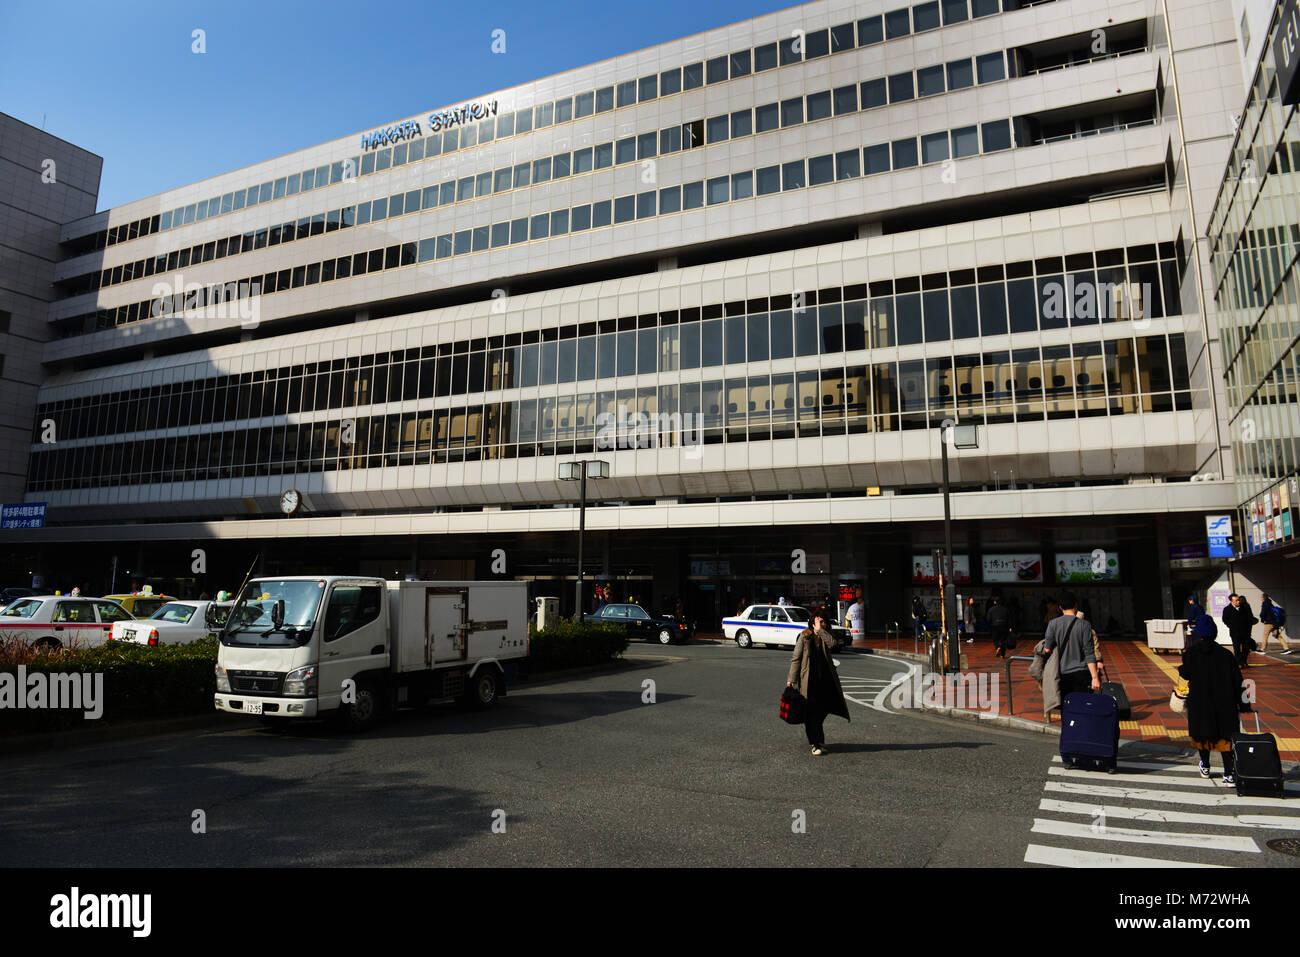 The busy Hakata station in Fukuoka, Japan. - Stock Image